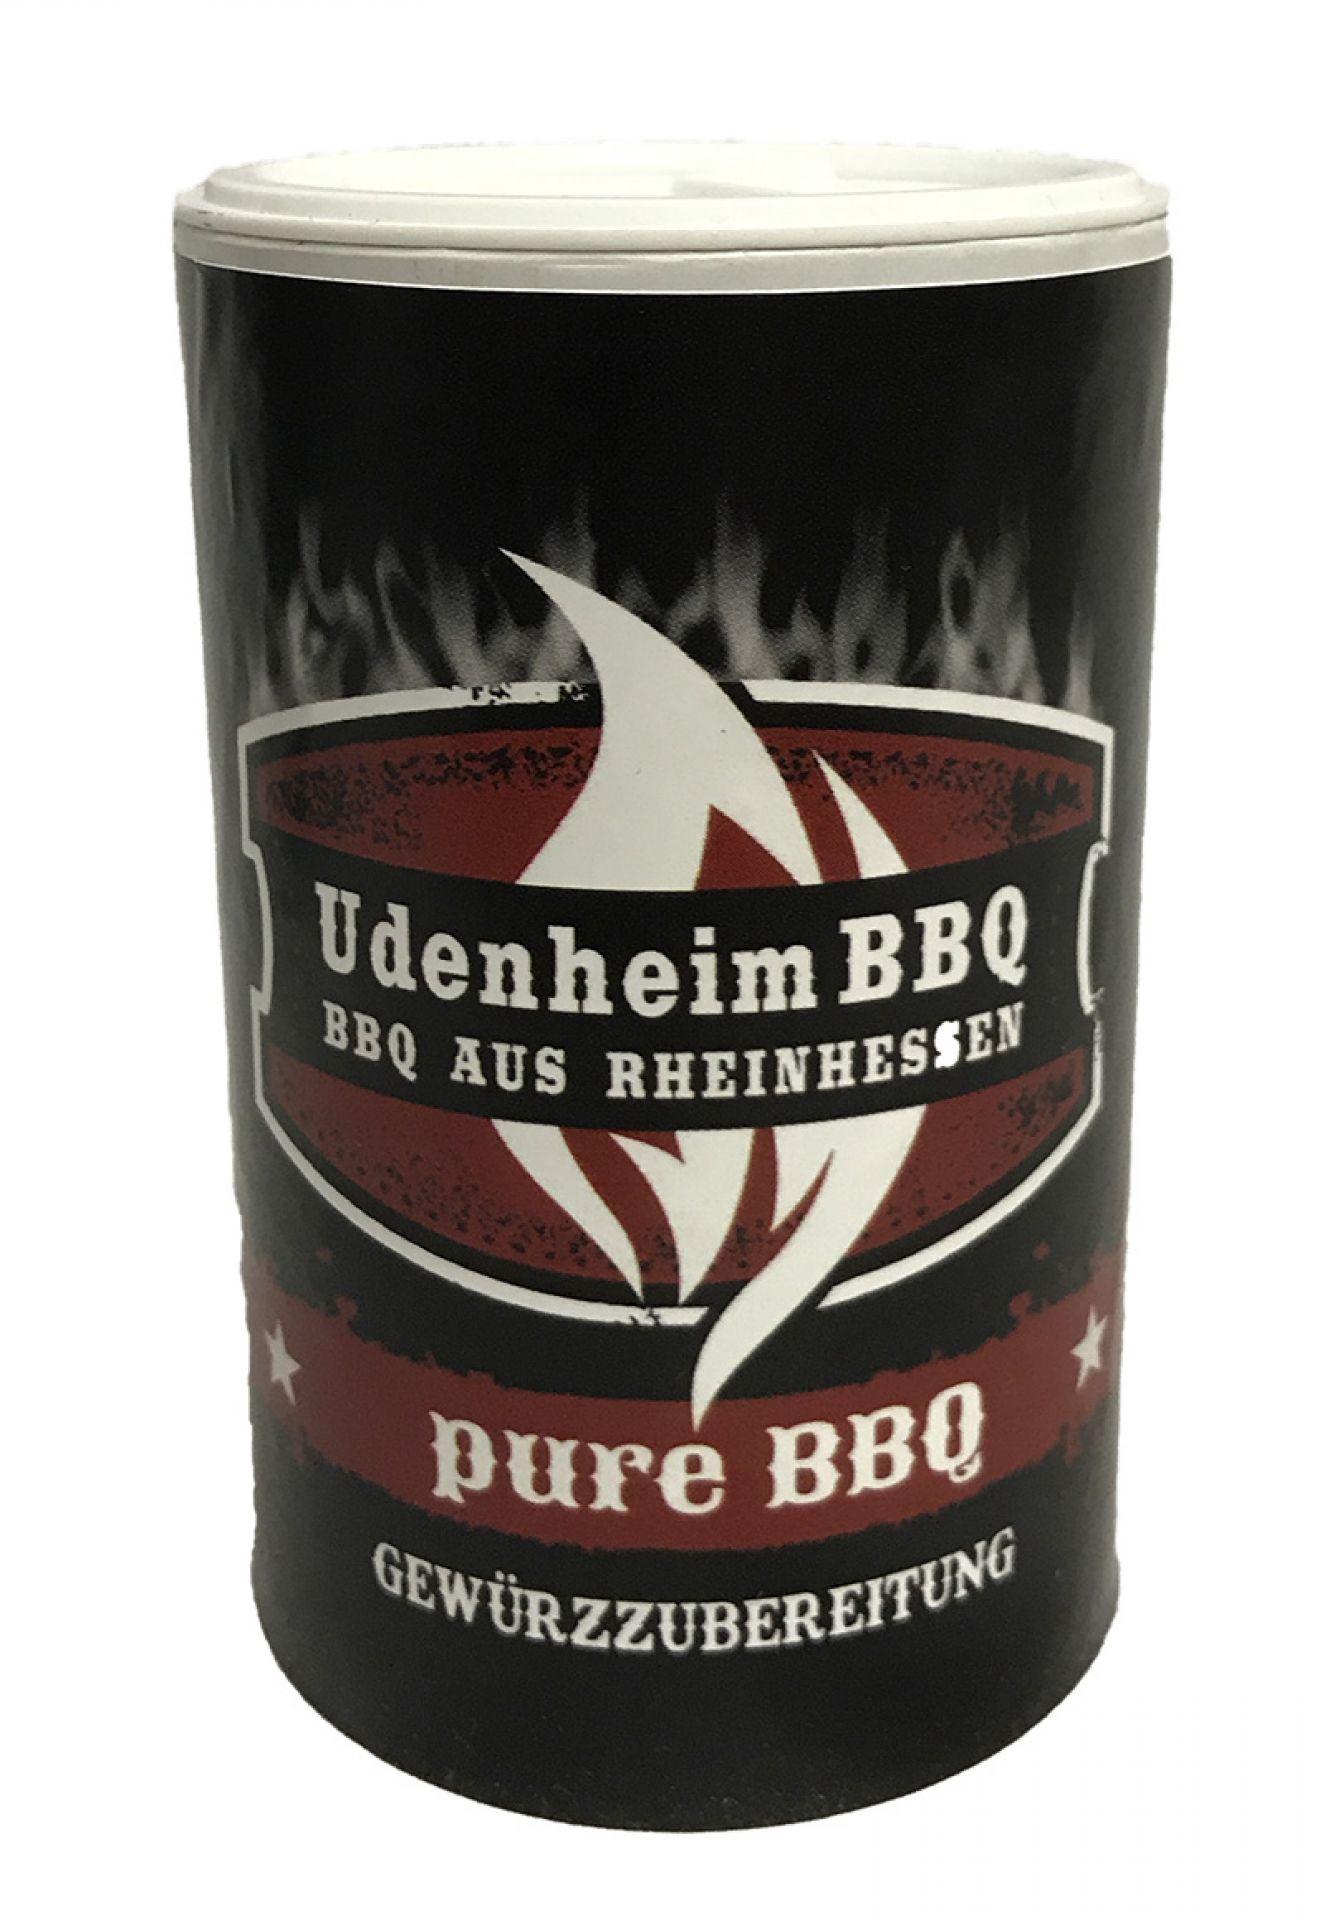 Udenheim BBQ Pure BBQ (120g)